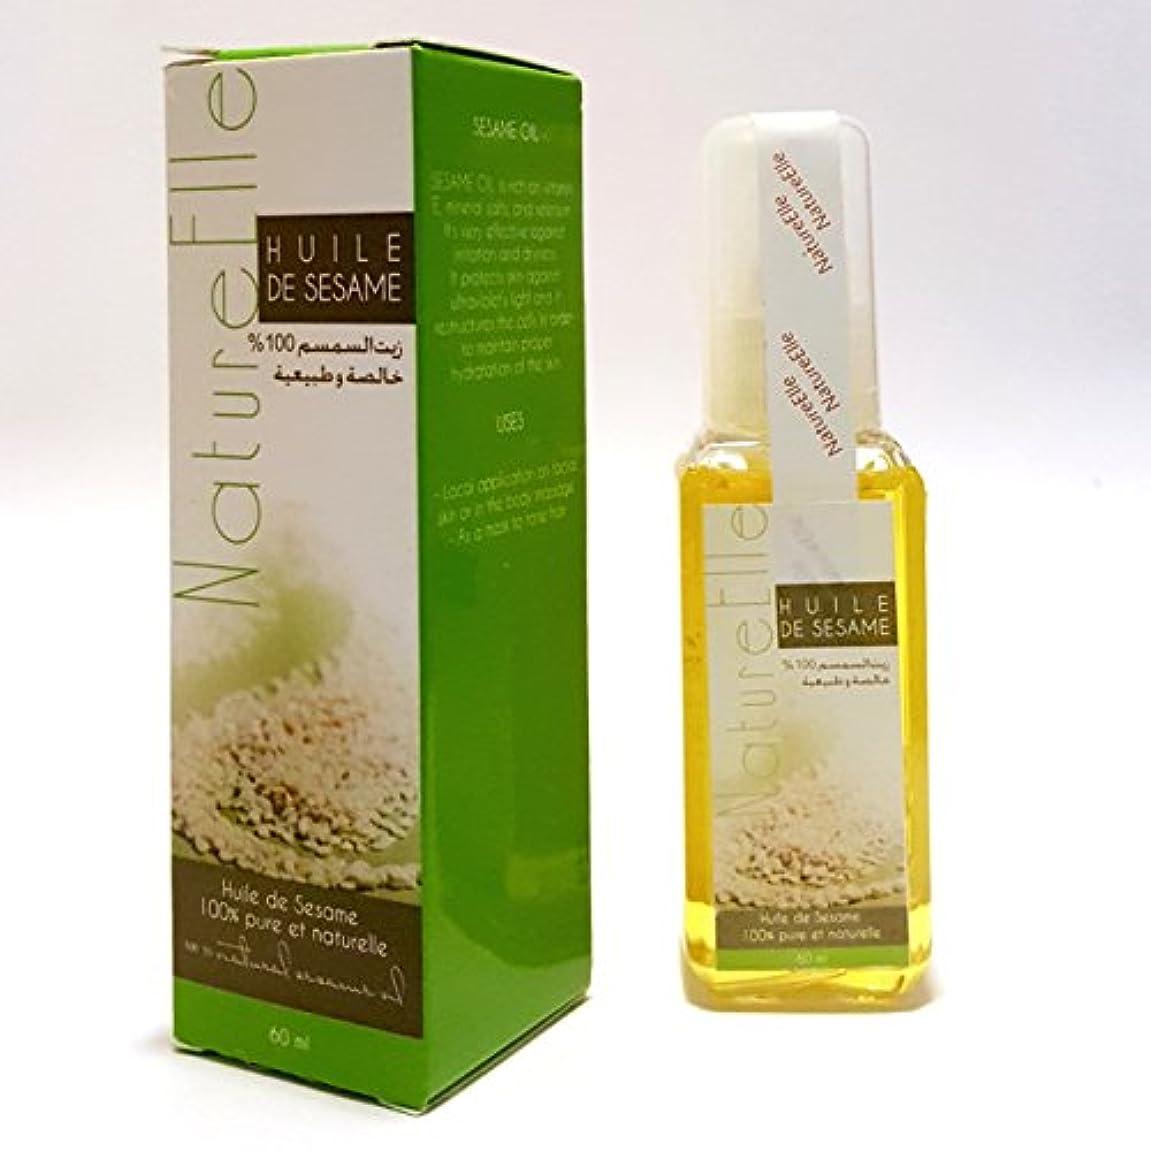 詳細に証明書クリケットNatureElle Sesame Oil 100% Pure and Natural - Express delivery within three working days - Track Shipment Online - 60 ml [並行輸入品]